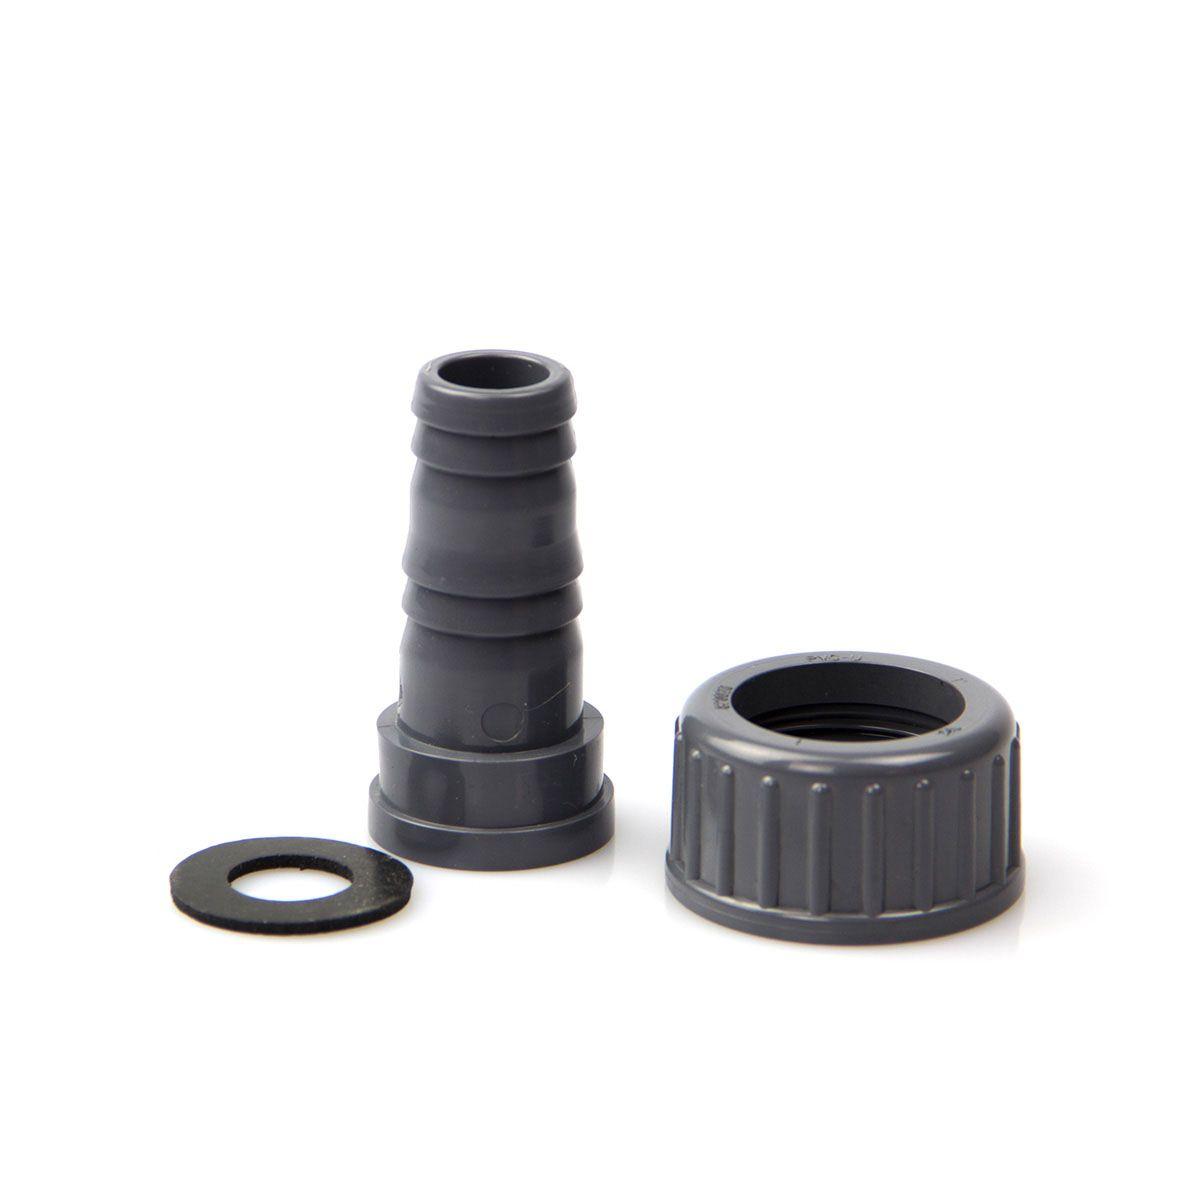 Schlauchtülle mit Überwurfmutter, aus PVC, grau, 3/4' IG, d 16 mm